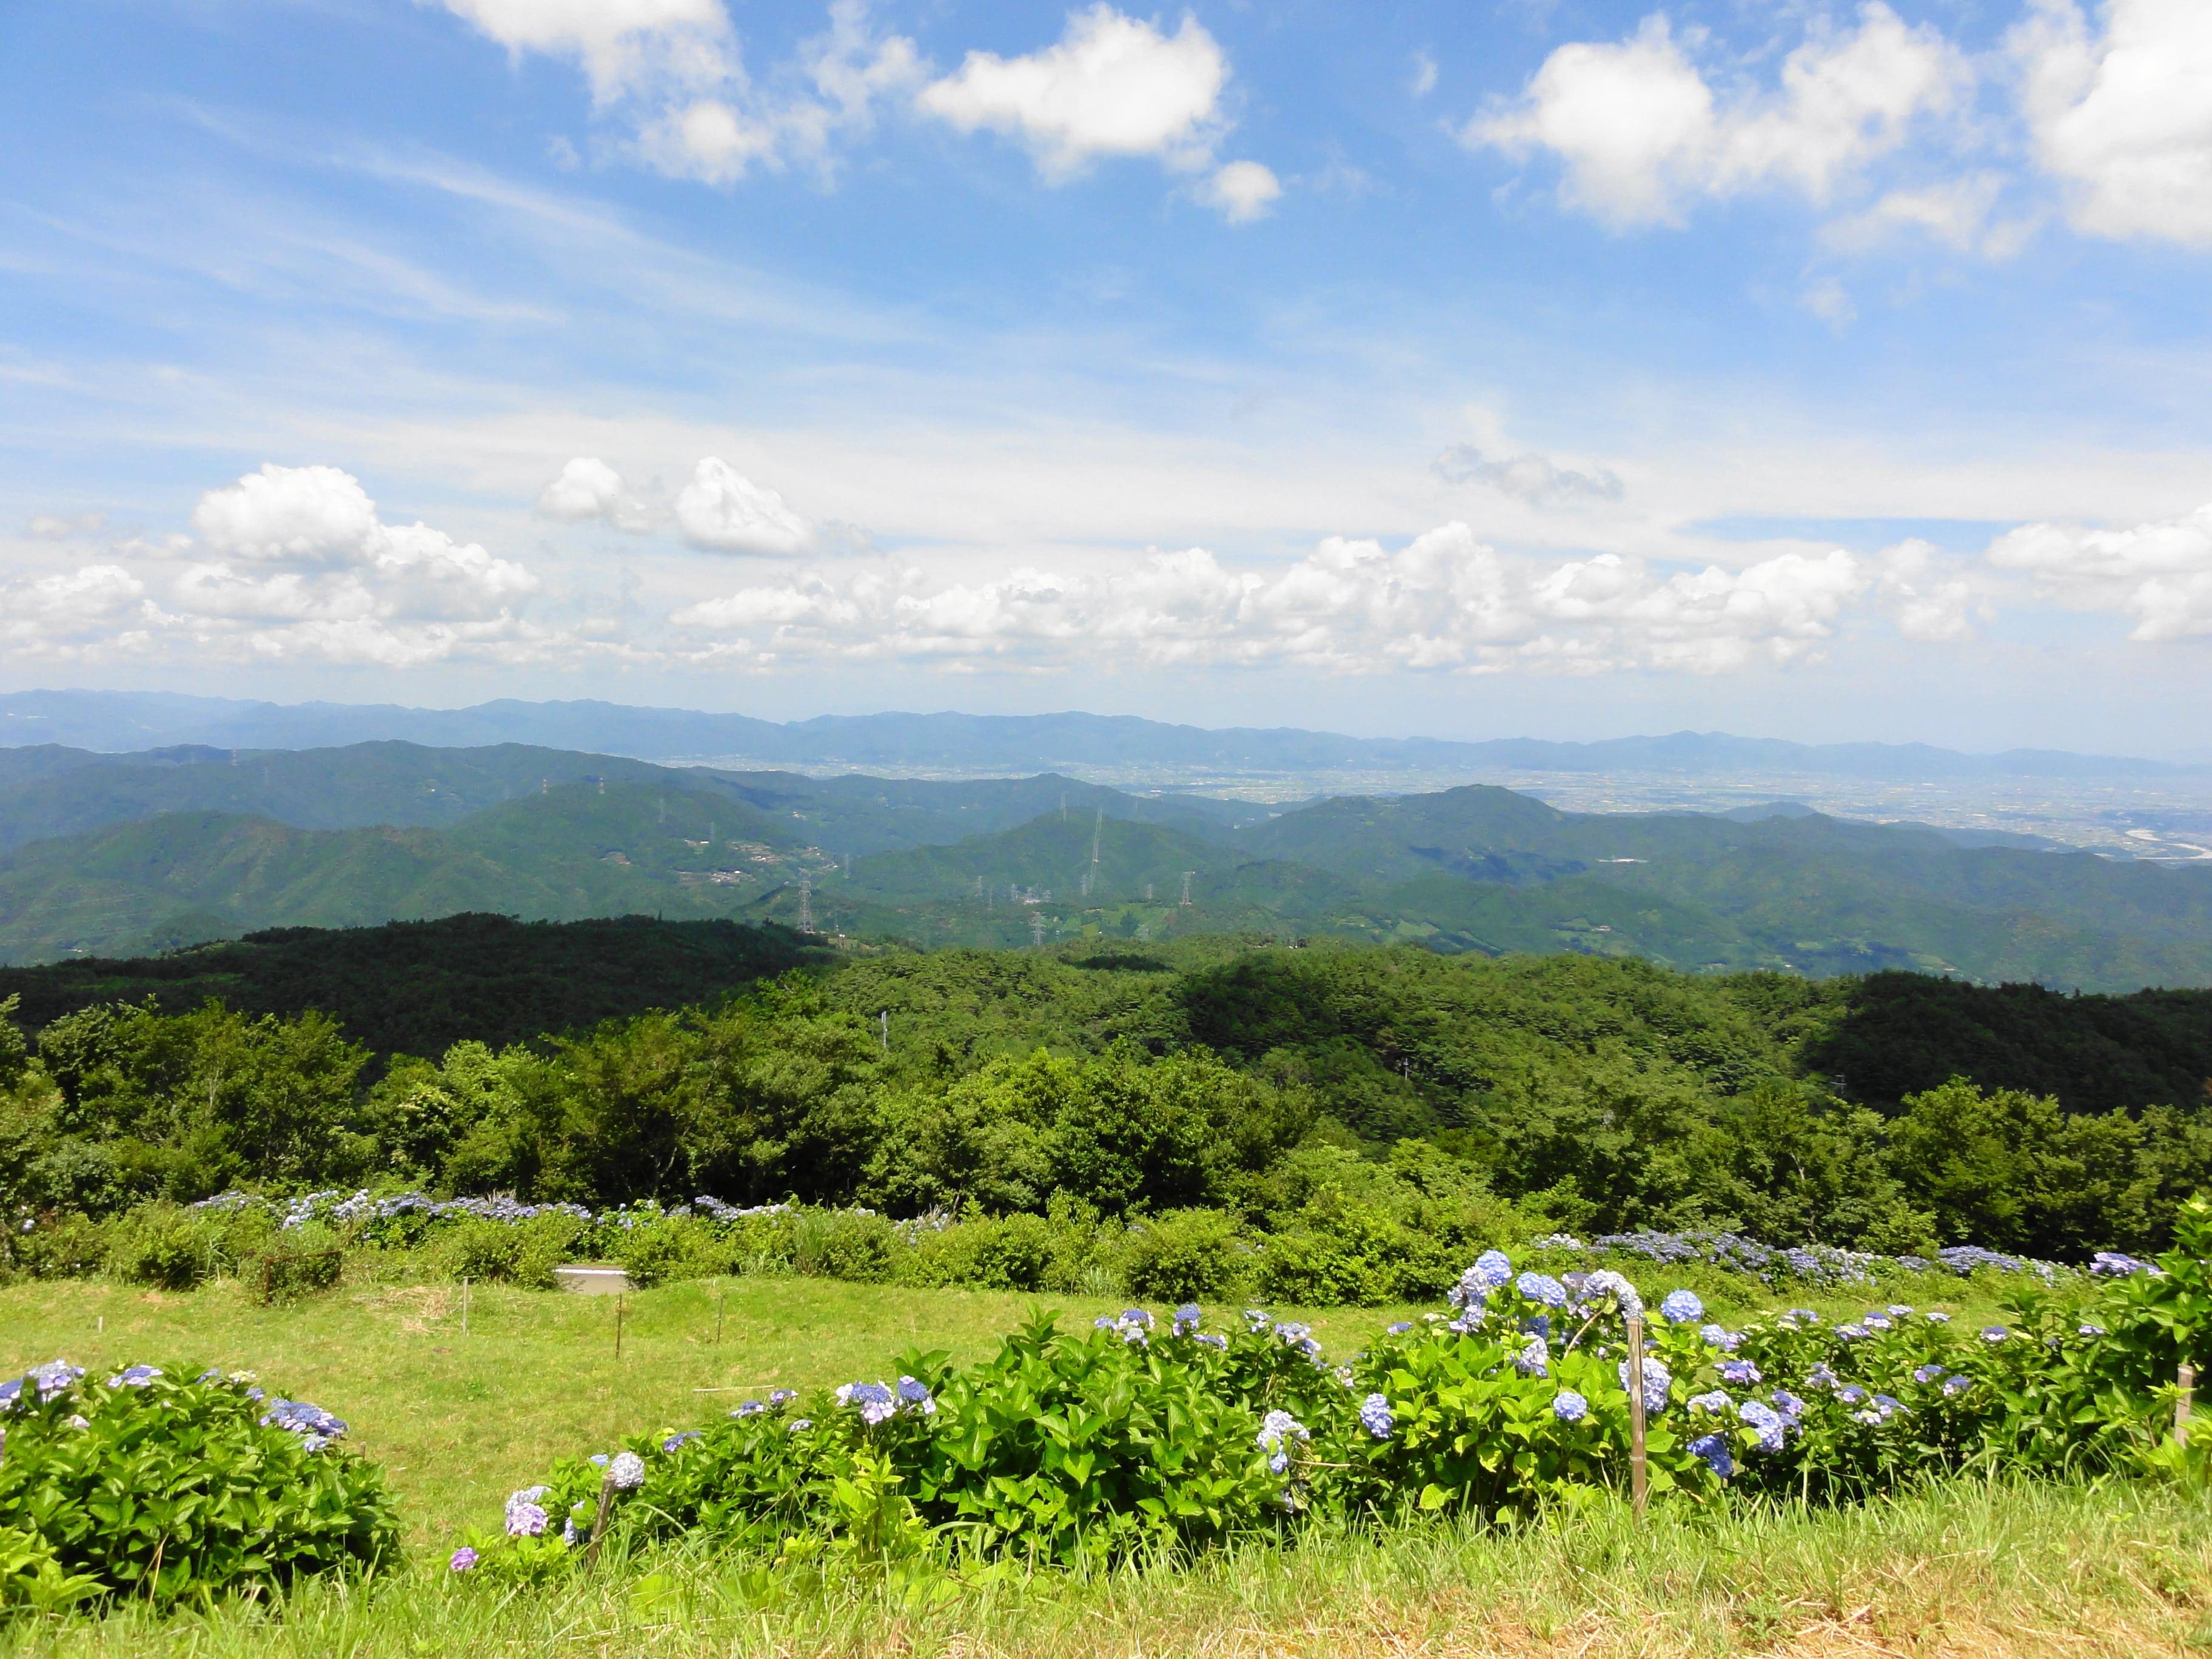 続、大川原高原の景色